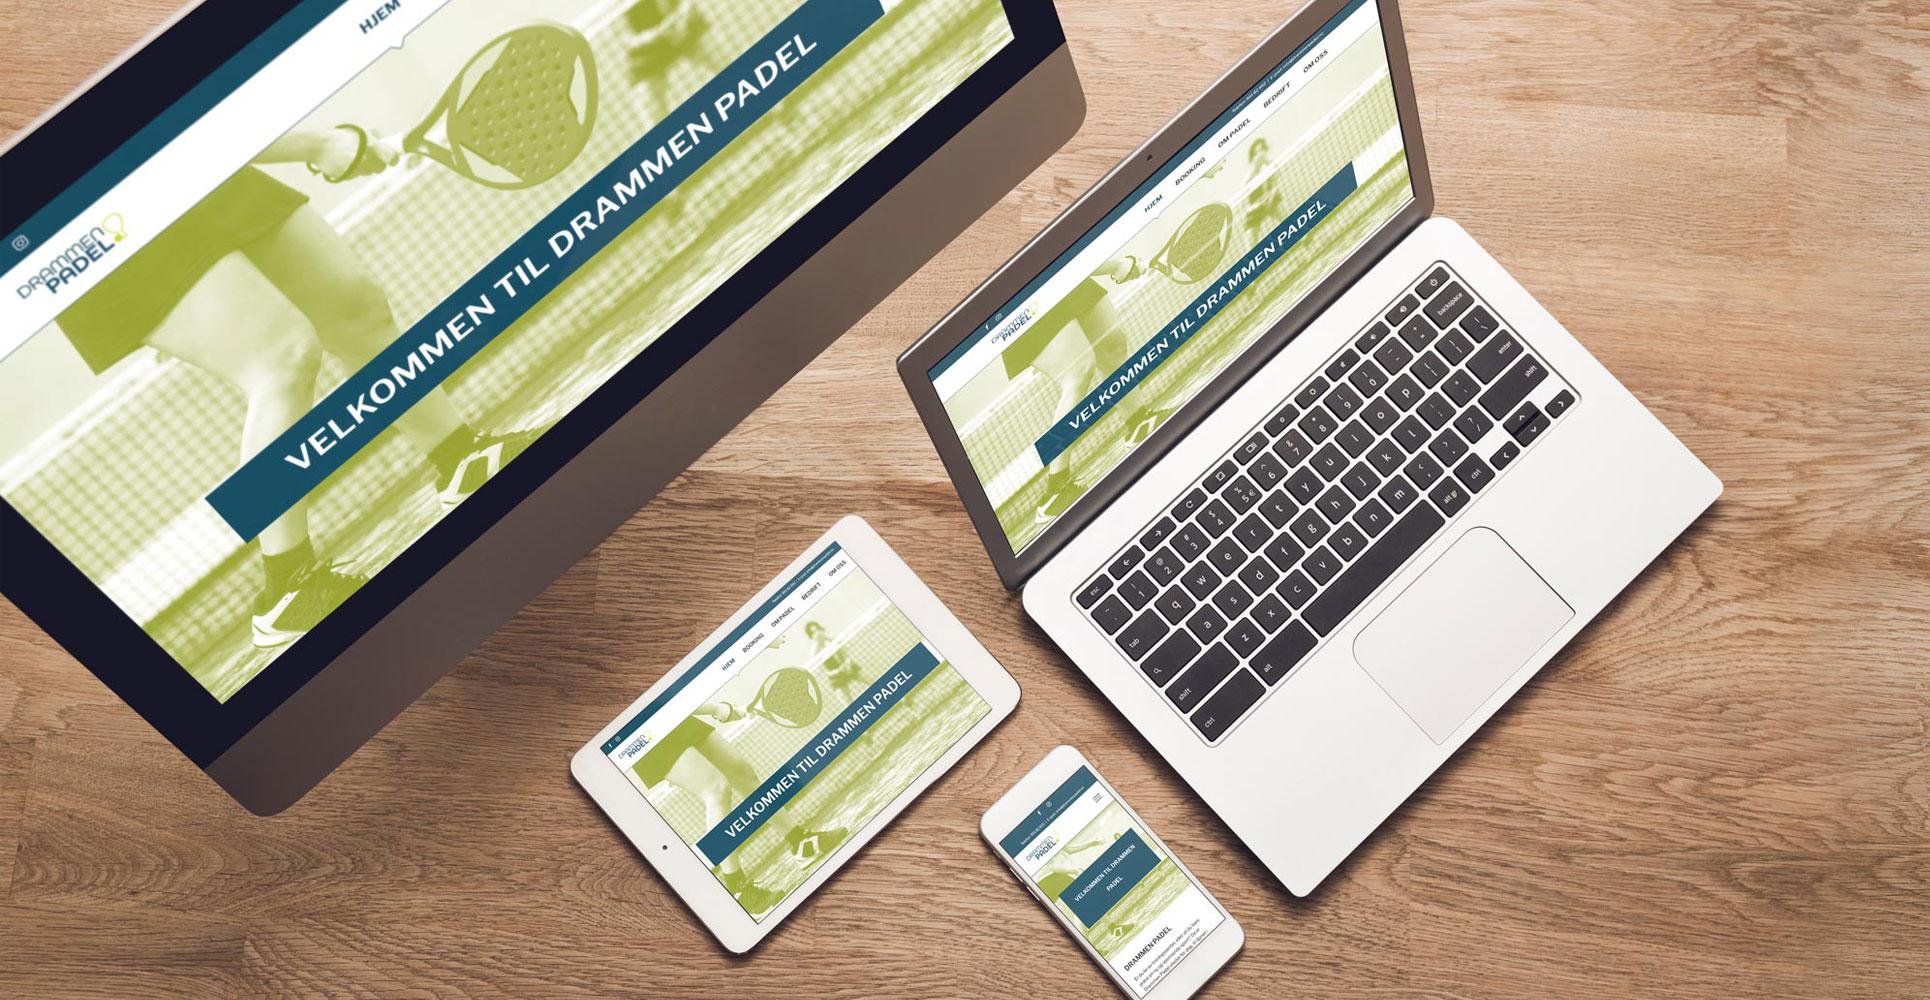 Nettsider tilpasset alle skjermstørrelser